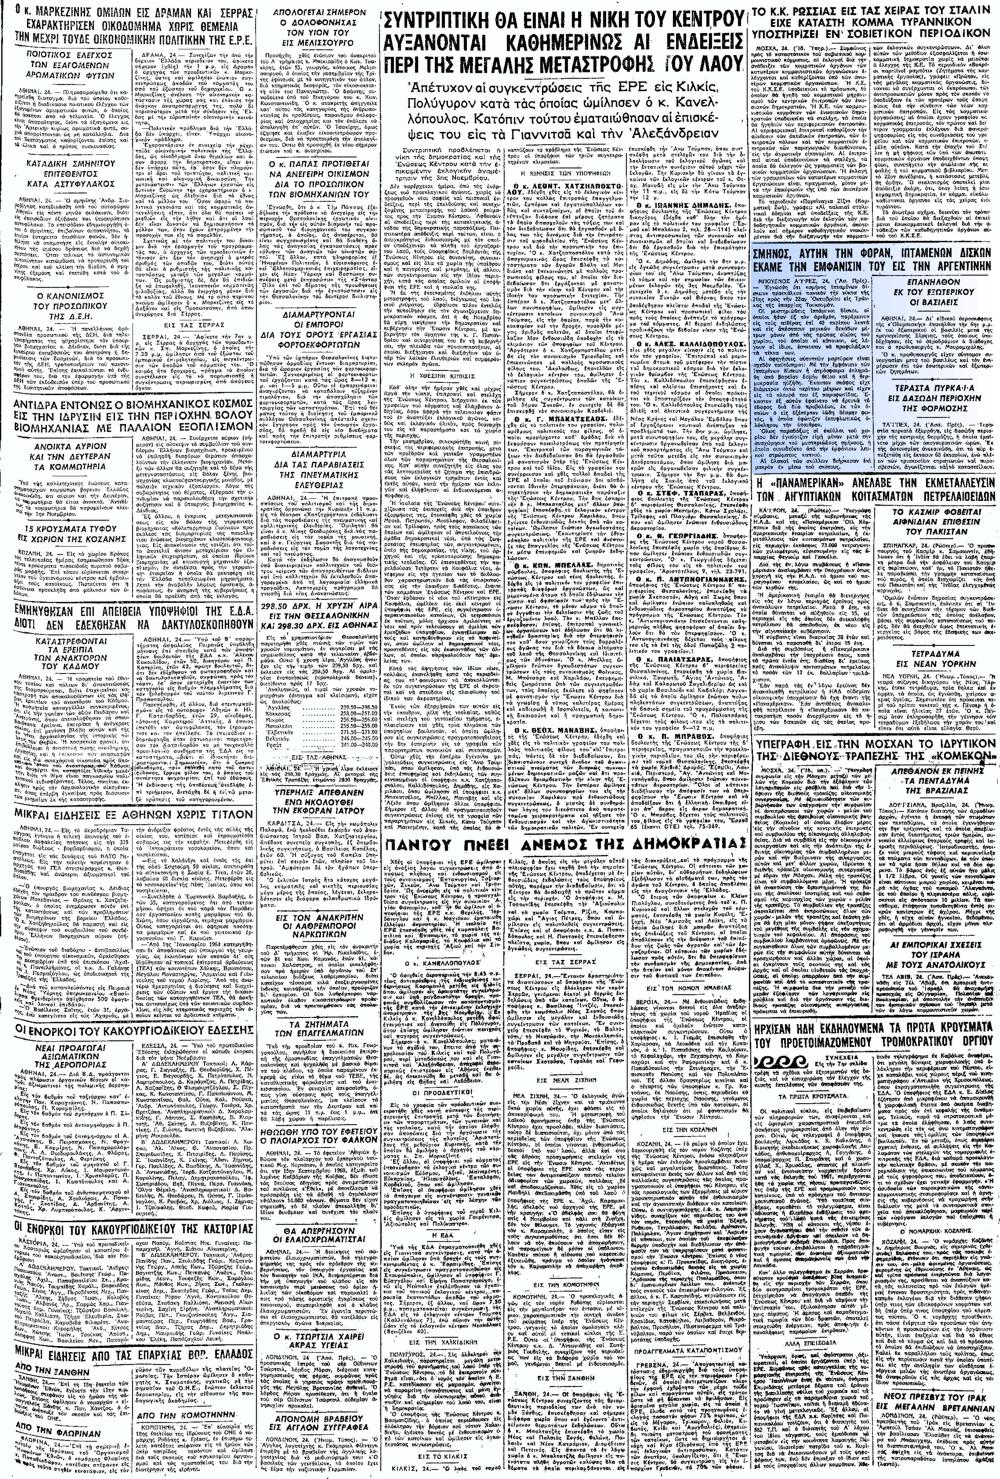 """Το άρθρο, όπως δημοσιεύθηκε στην εφημερίδα """"ΜΑΚΕΔΟΝΙΑ"""", στις 25/10/1963"""